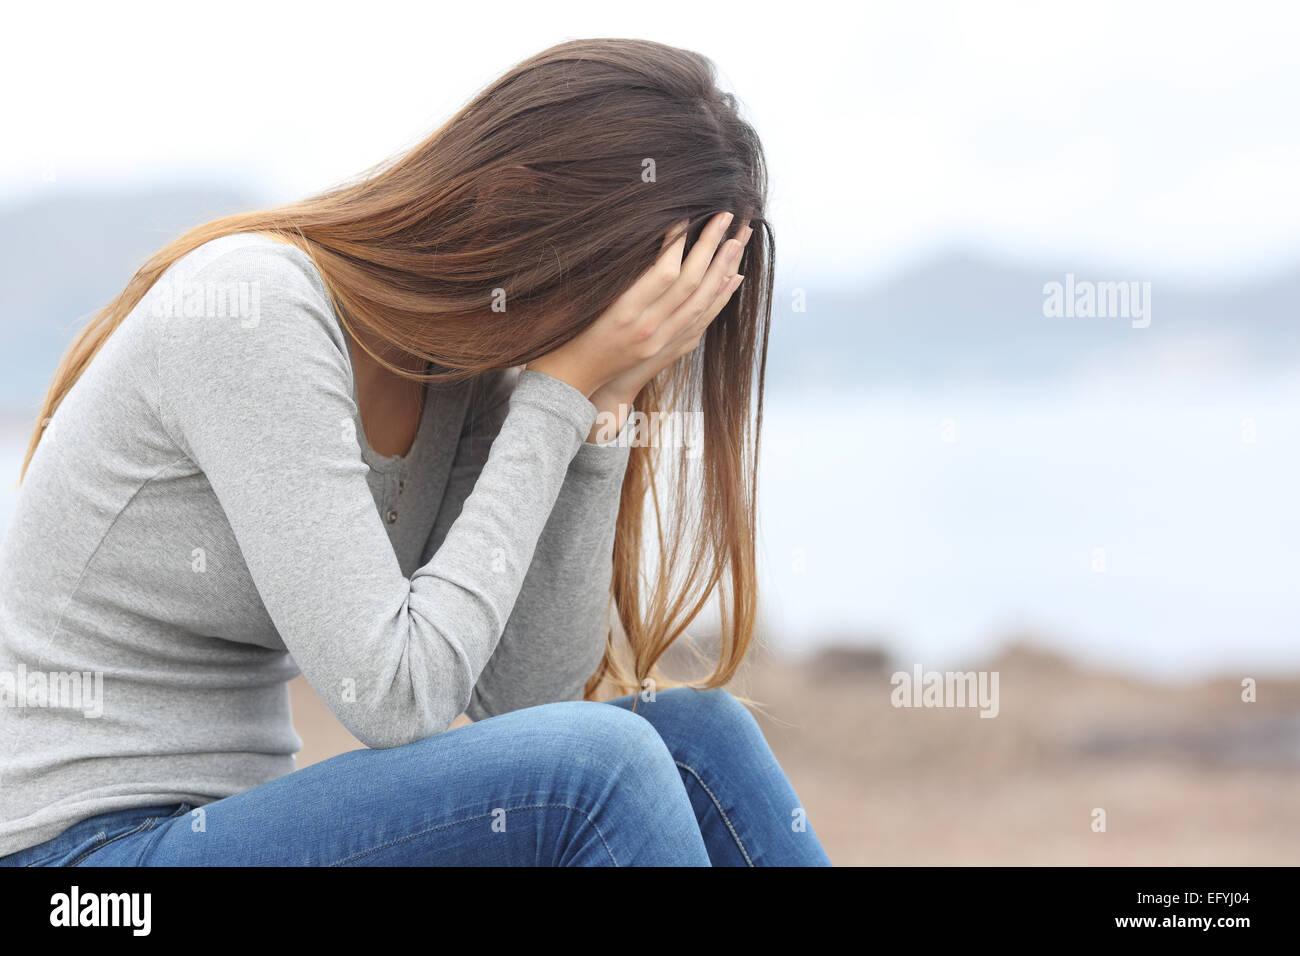 Besorgt Teenager Frau bedeckte ihr Gesicht mit Händen am Strand im winter Stockbild